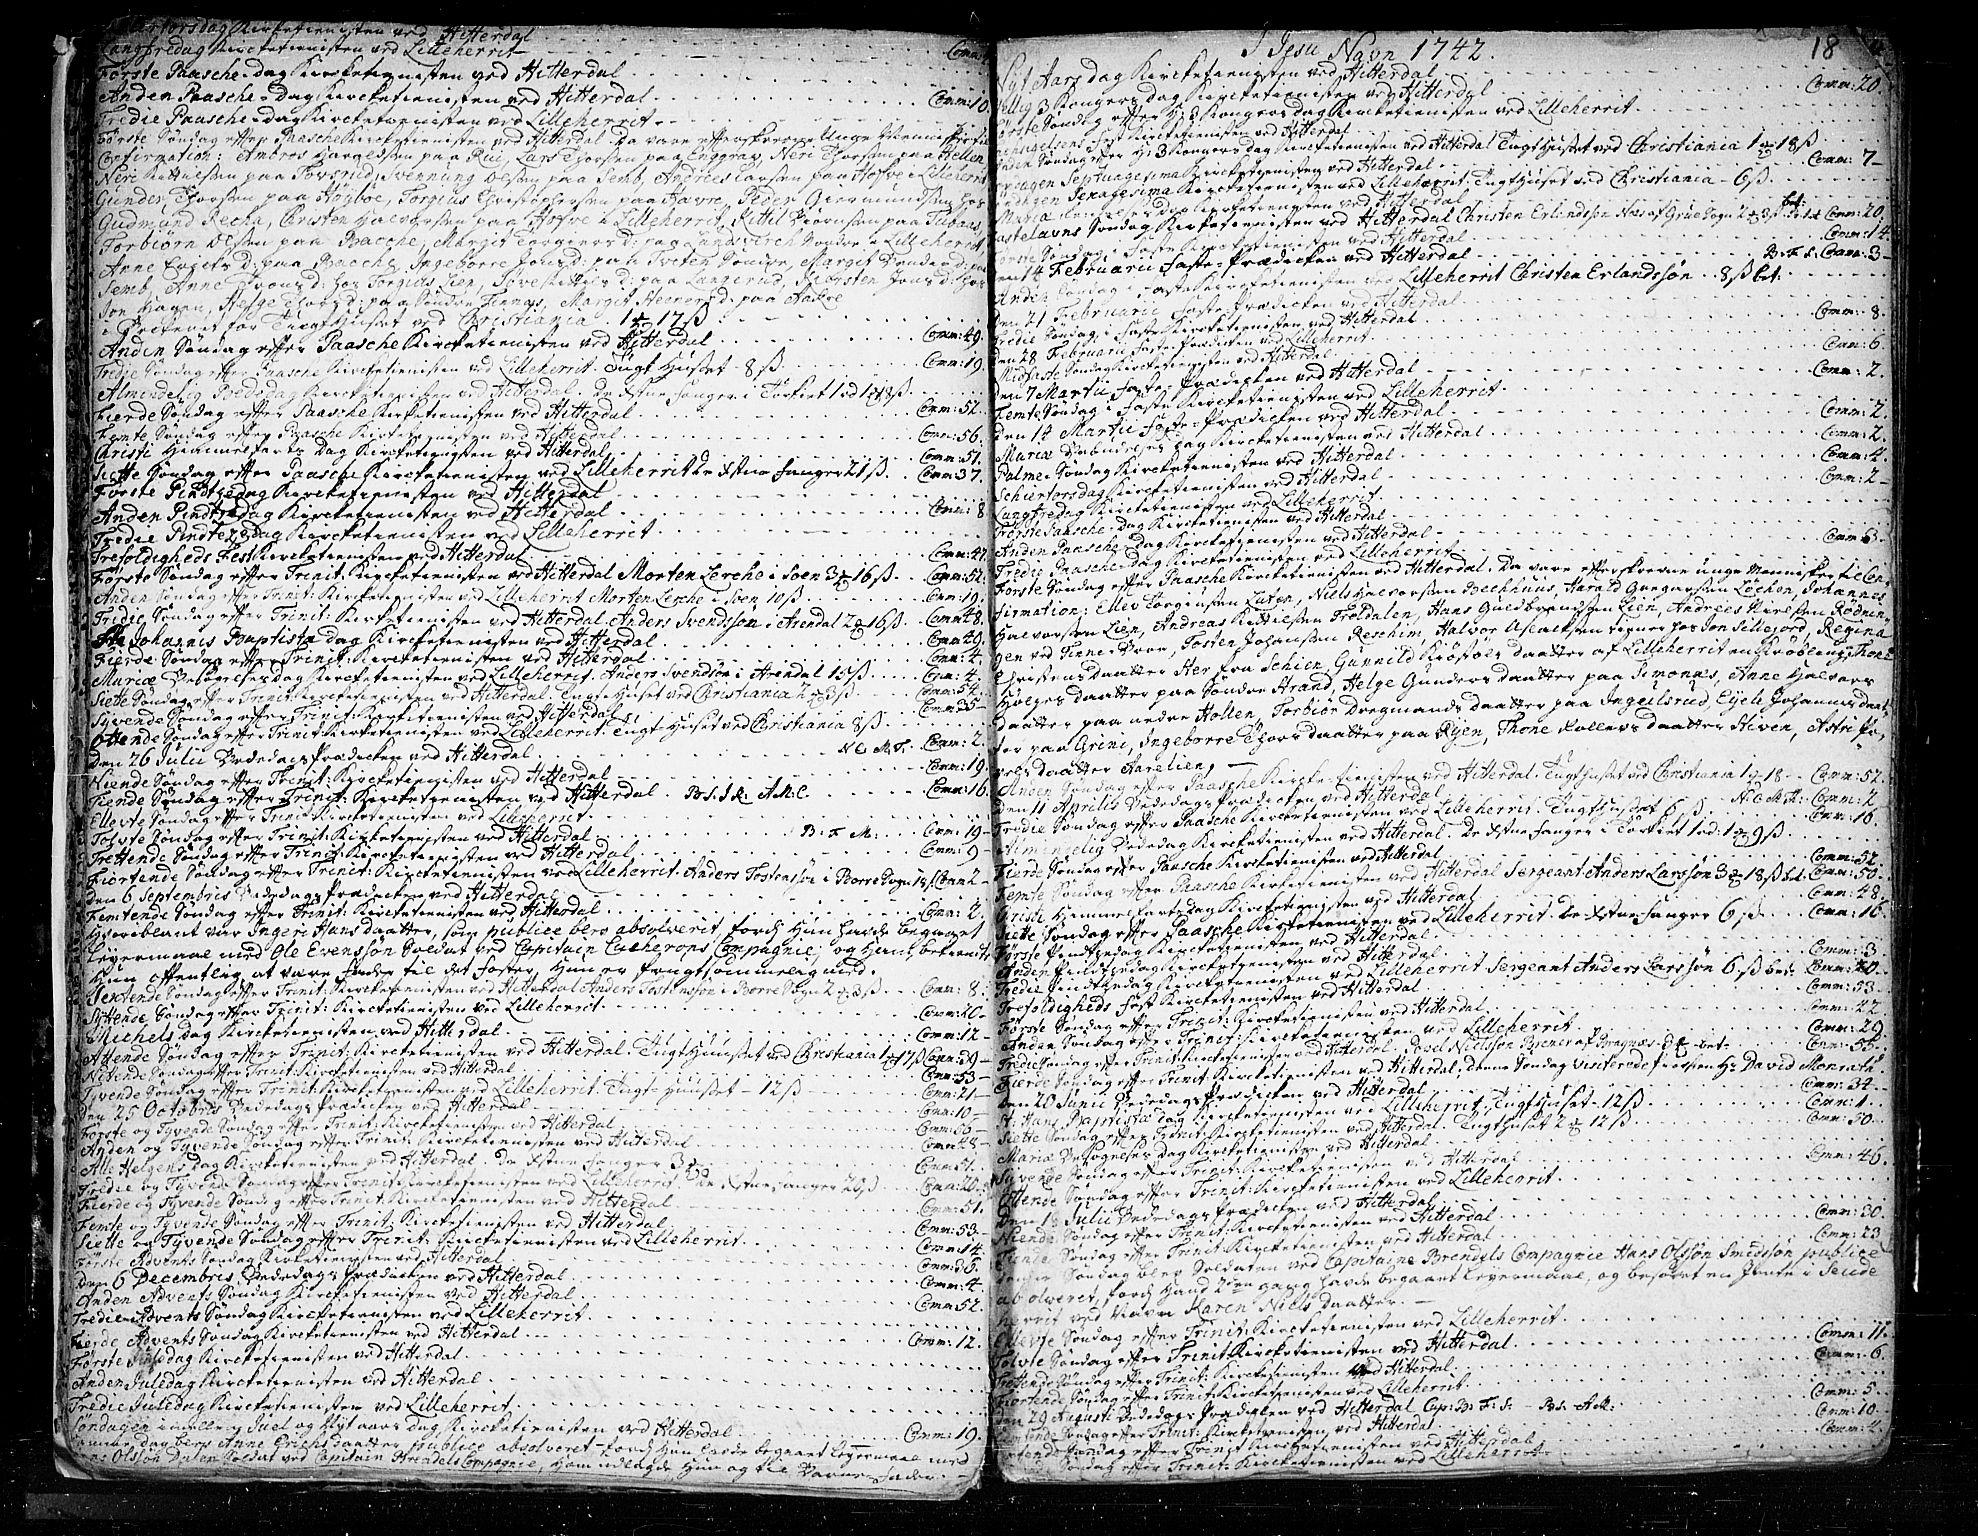 SAKO, Heddal kirkebøker, F/Fa/L0003: Ministerialbok nr. I 3, 1723-1783, s. 18